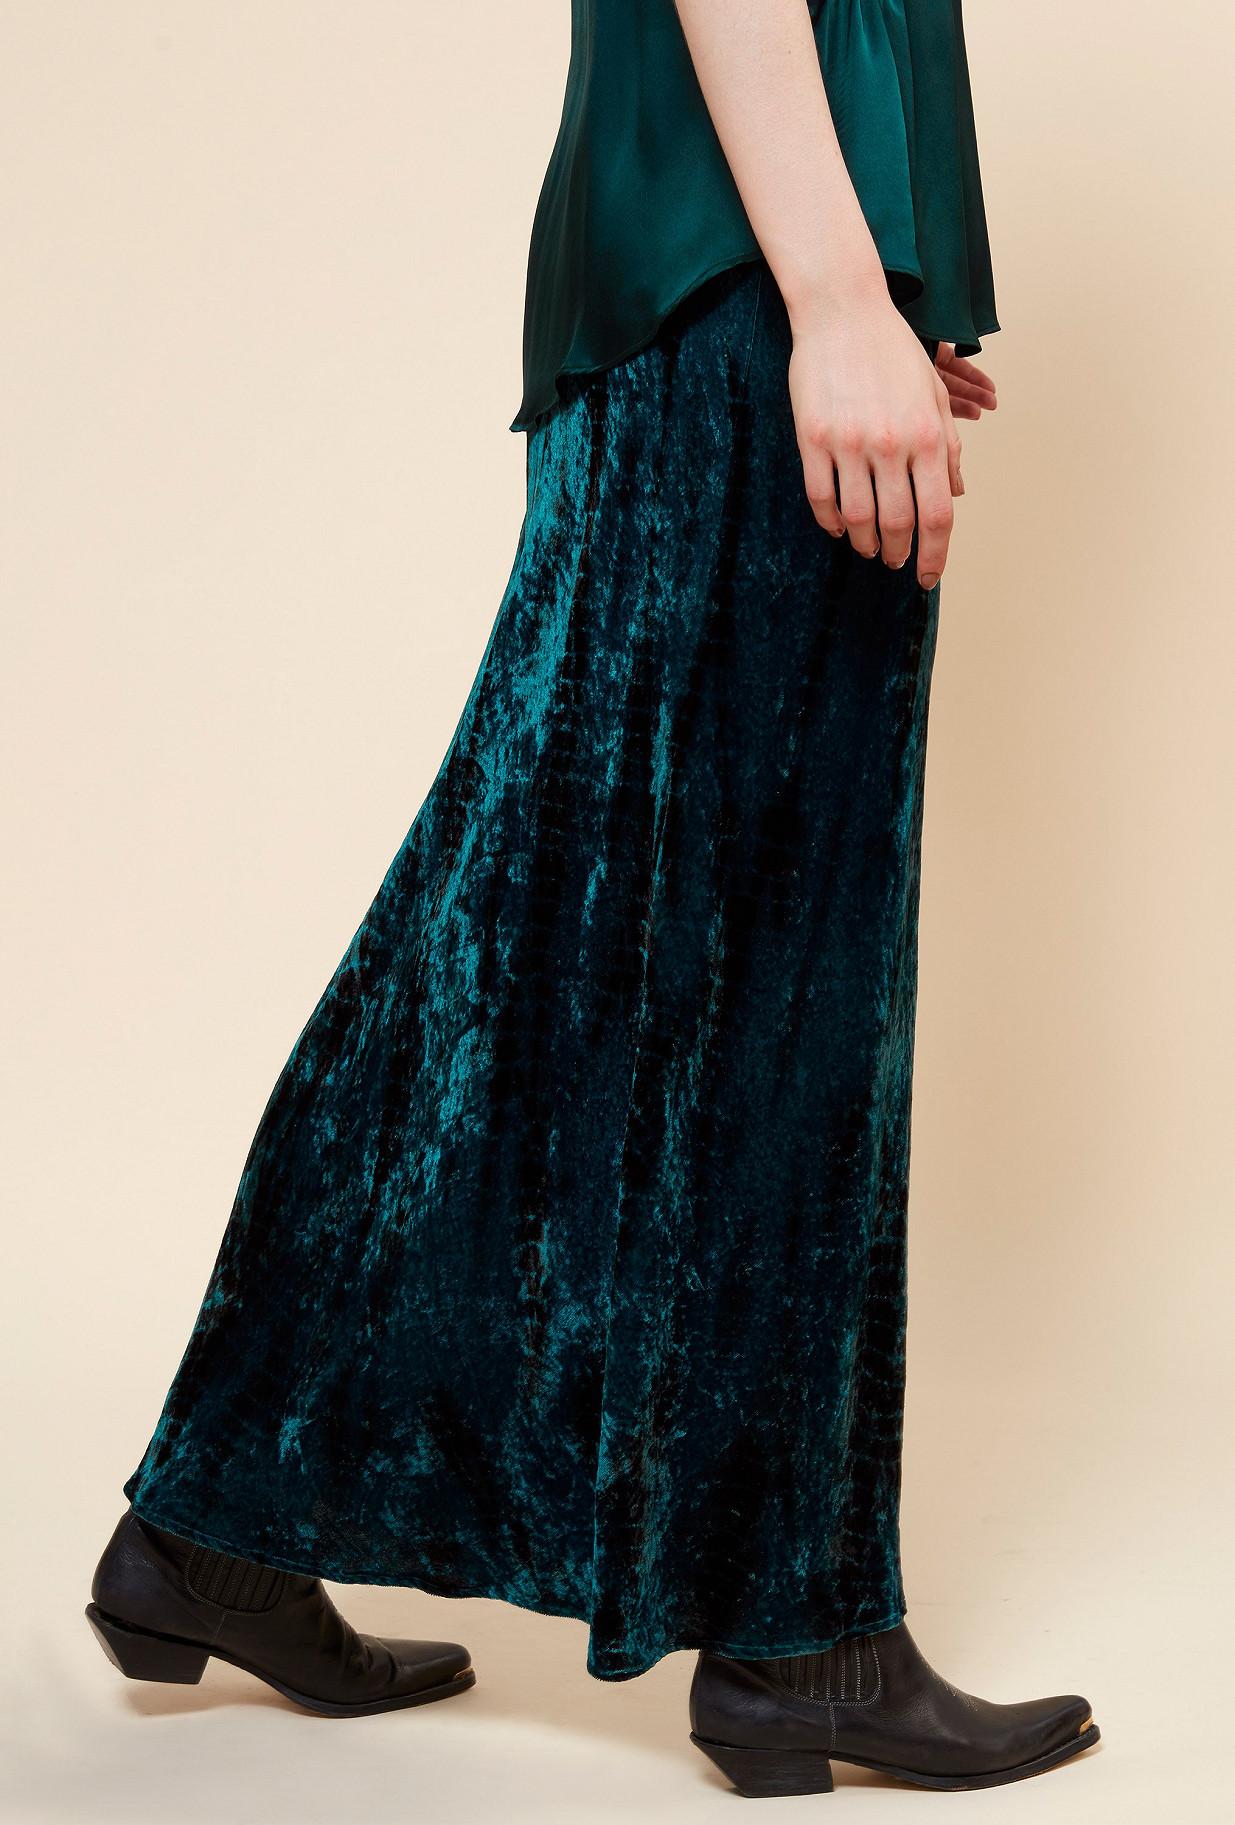 Paris clothes store Skirt  Suzette french designer fashion Paris